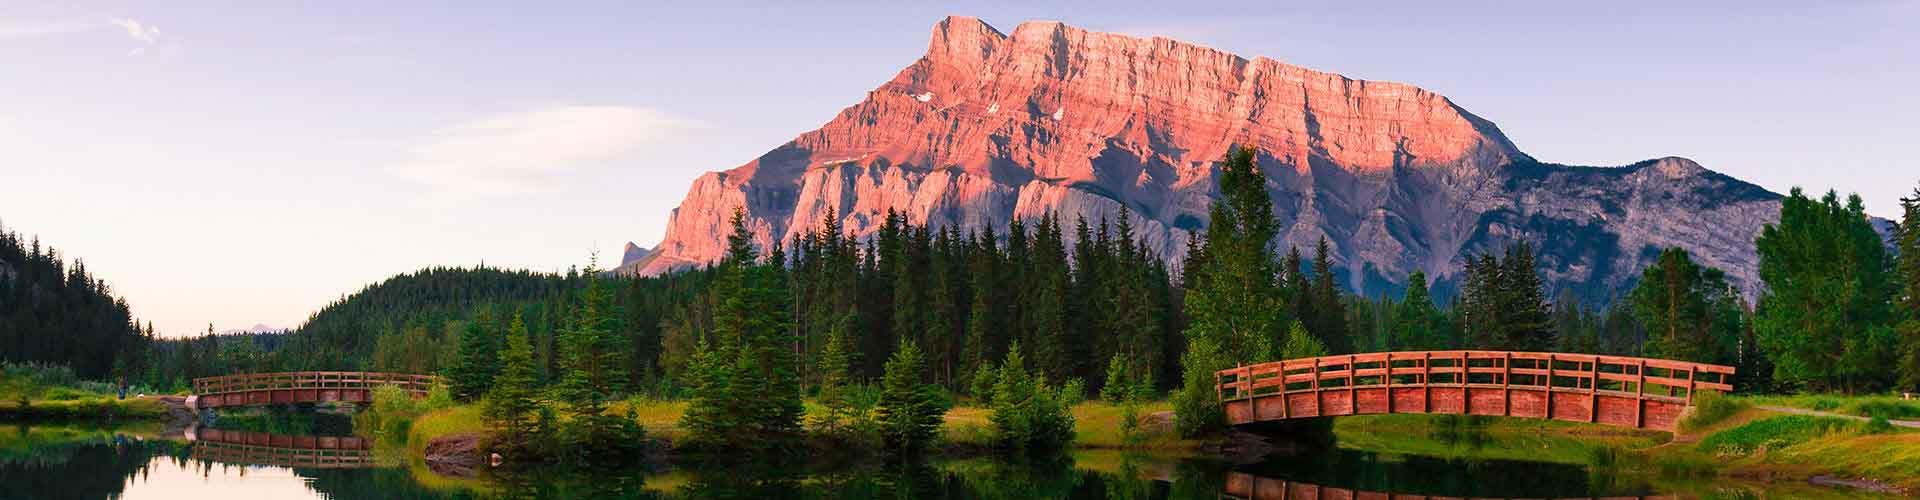 Banff - Ifjúsági Szállások Banffben. Banff térképek, fotók és ajánlások minden egyes ifjúsági szállásokra Banff-ben.